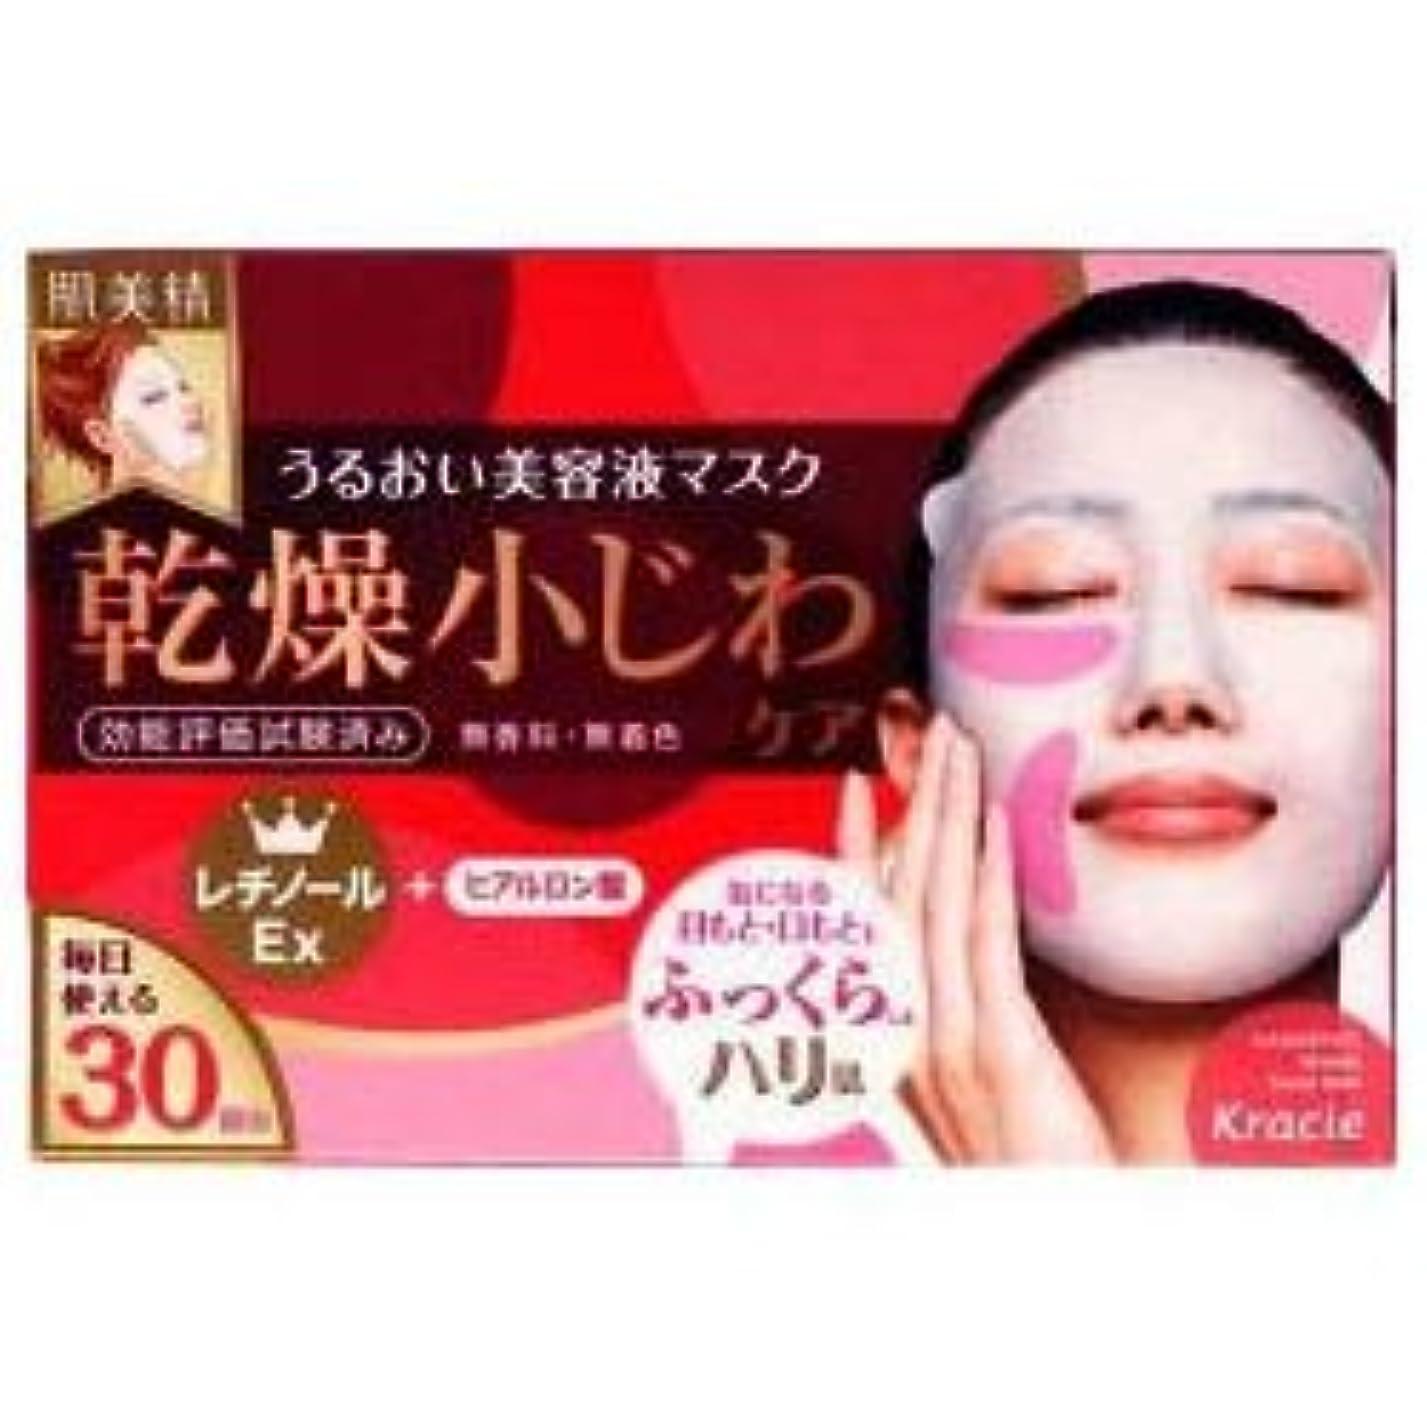 魚誤解する管理【クラシエ】肌美精 デイリーリンクルケア美容液マスク 30枚 ×10個セット